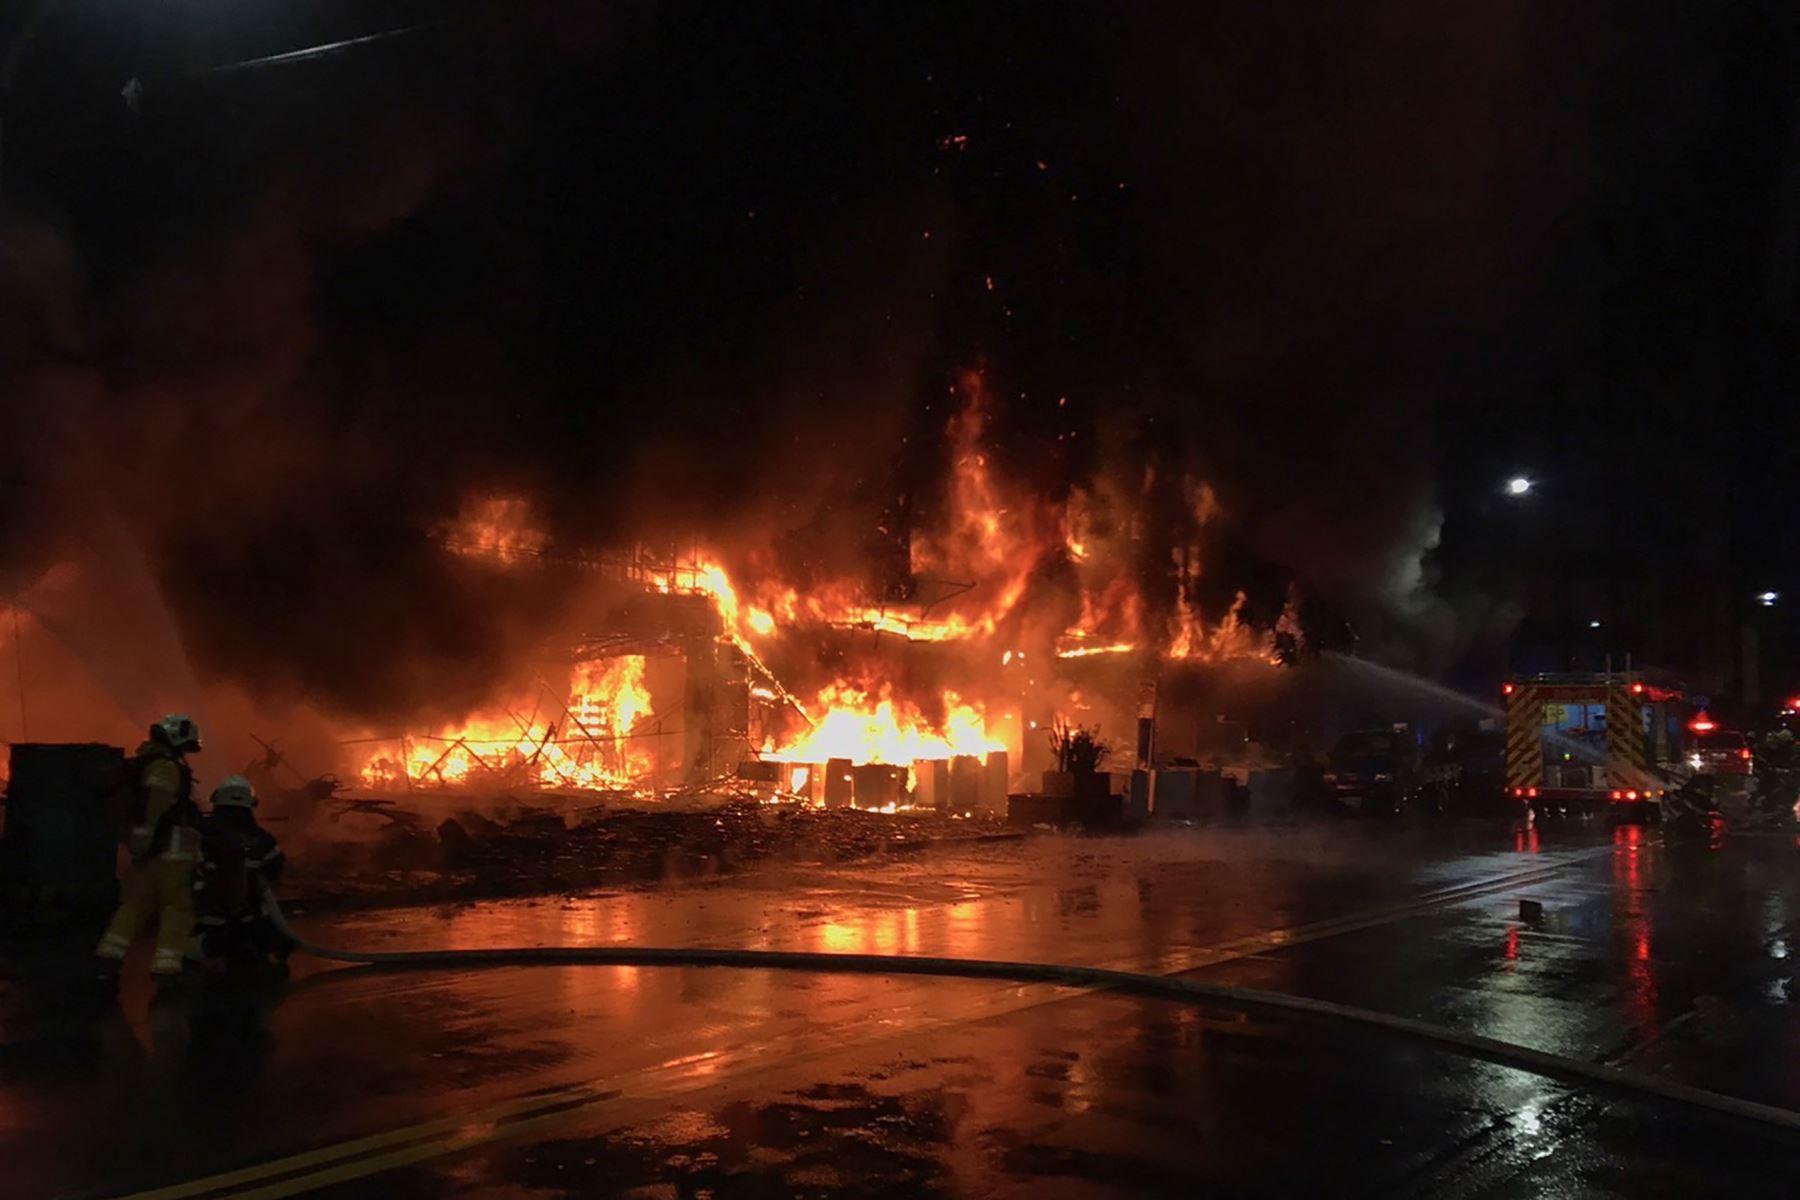 Bomberos luchan contra un incendio nocturno que arrasó un edificio en la ciudad de Kaohsiung, en el sur de Taiwán, matando al menos a 46 personas e hiriendo a decenas más. Foto: AFP